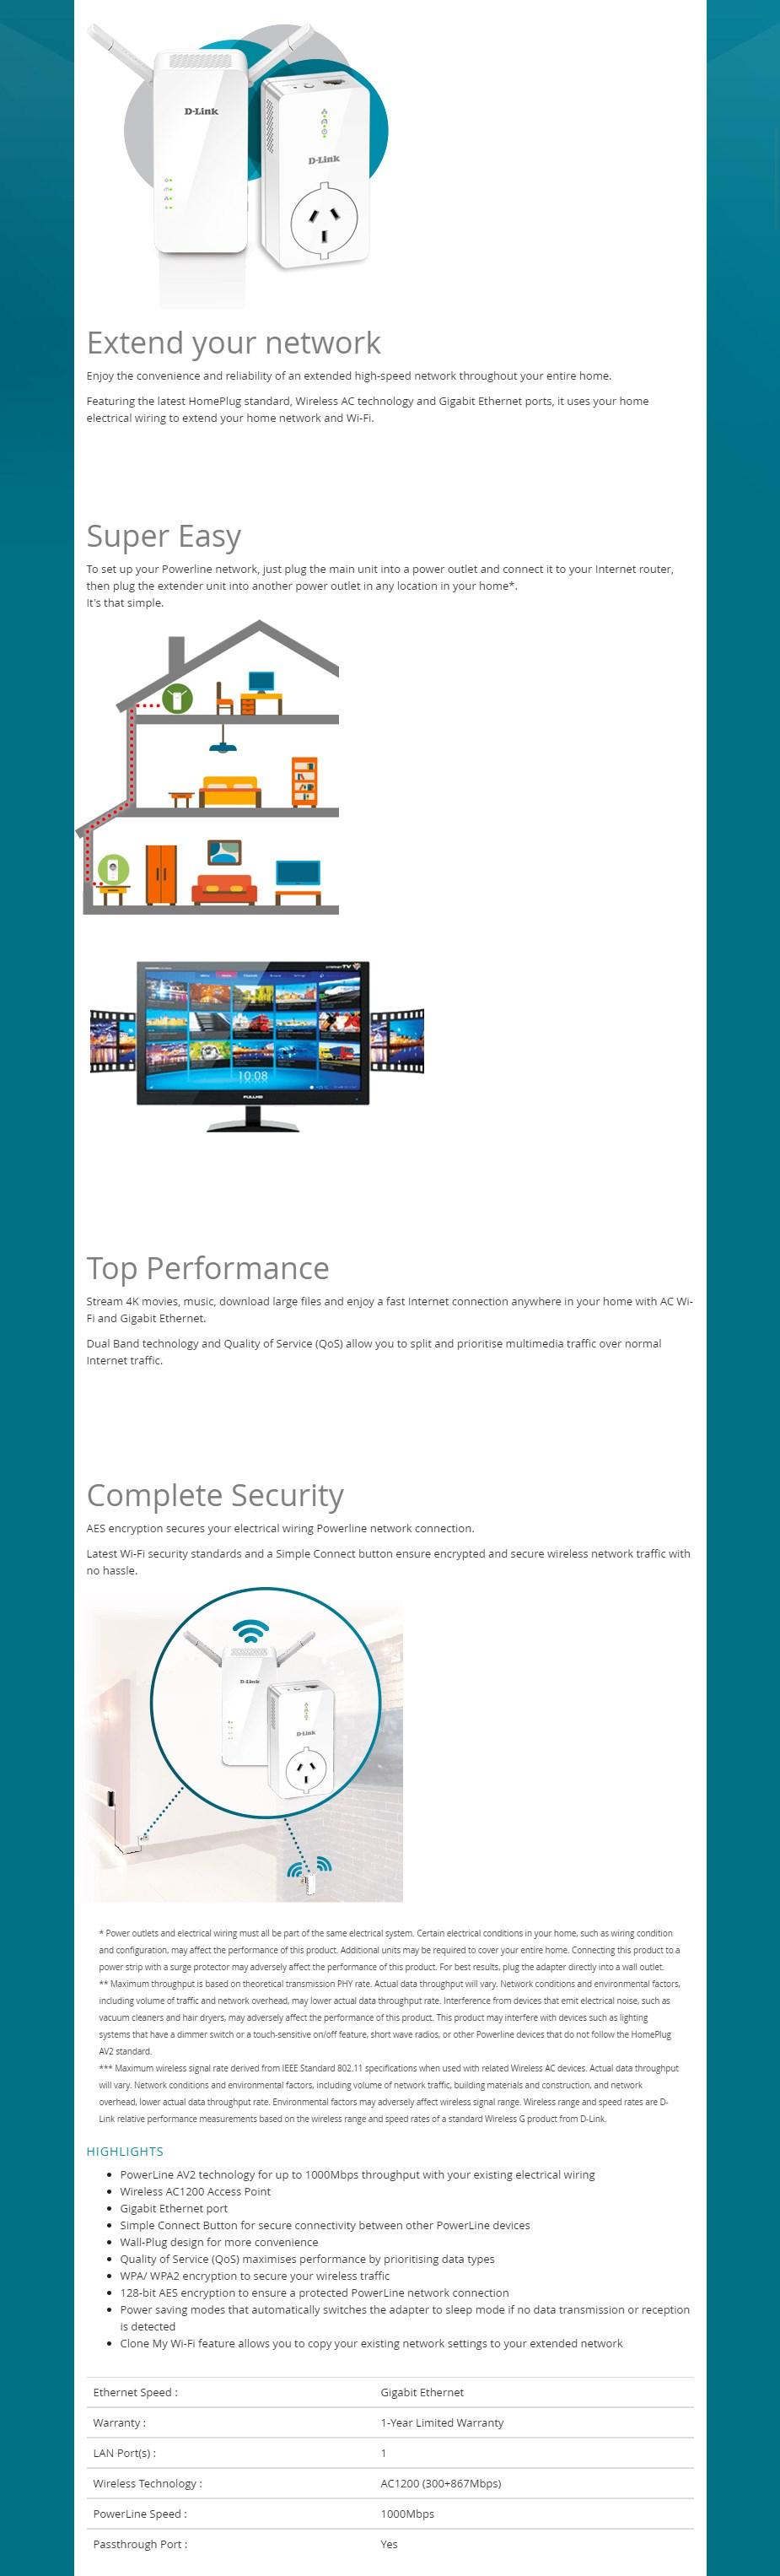 dlink-dhpw611av-powerline-av2-1000-wifi-ac1200-starter-kit-ac26904-4.jpg